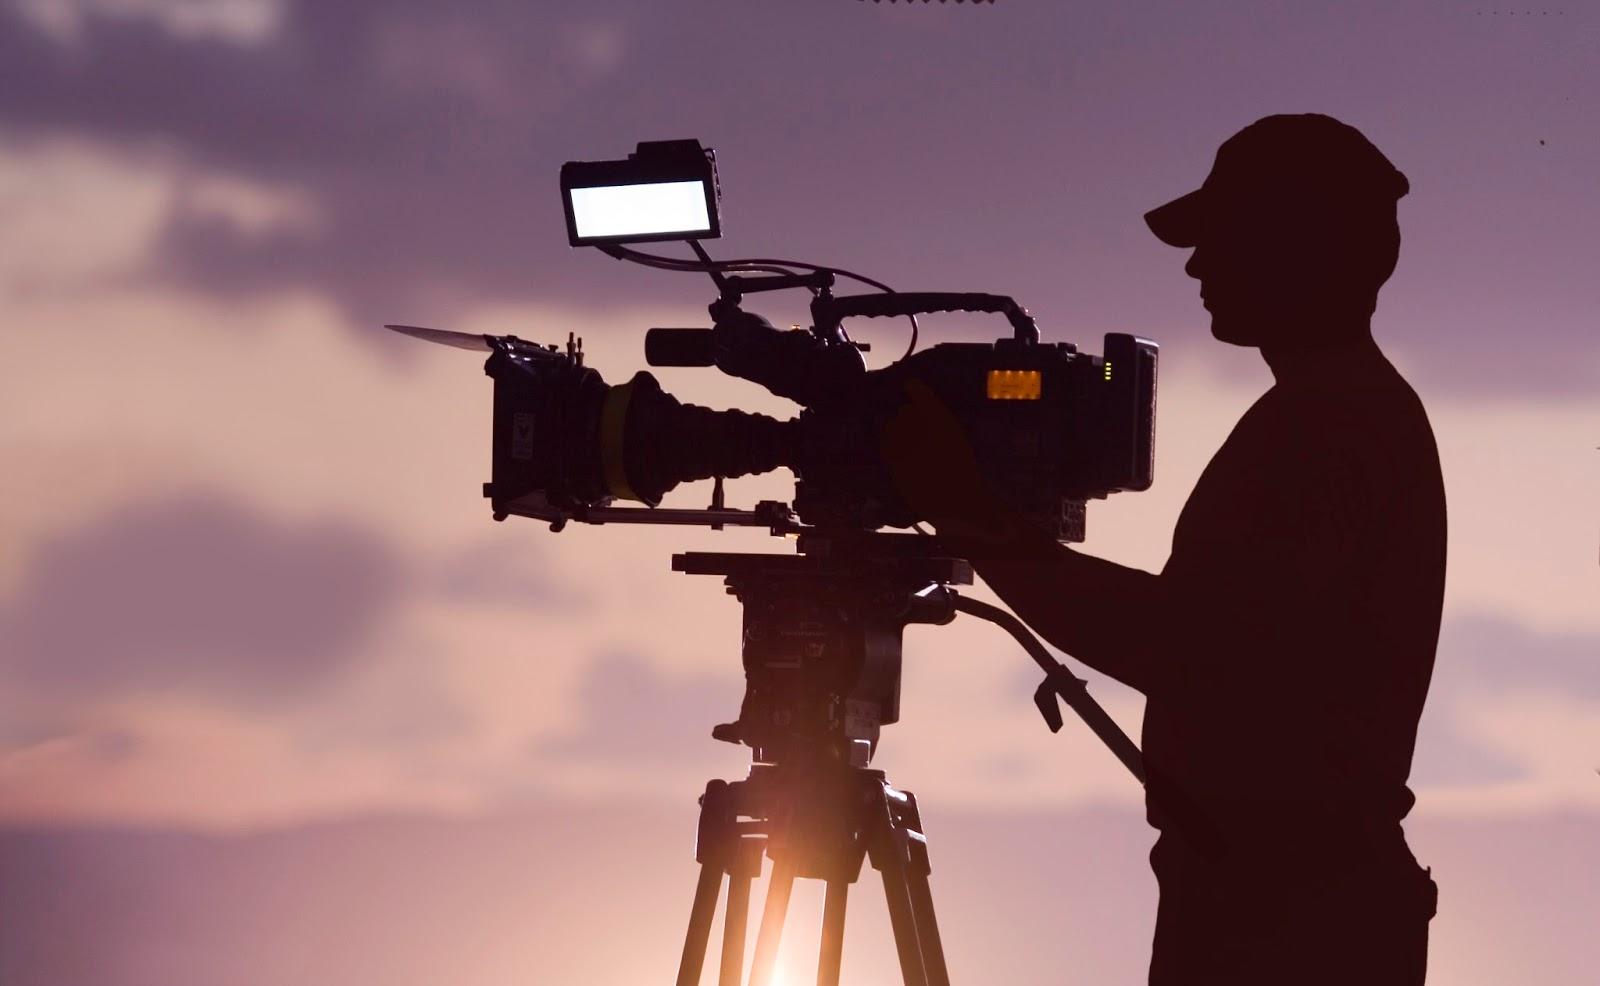 Ecole audiovisuel : quelle formation vous conviendra le mieux ?